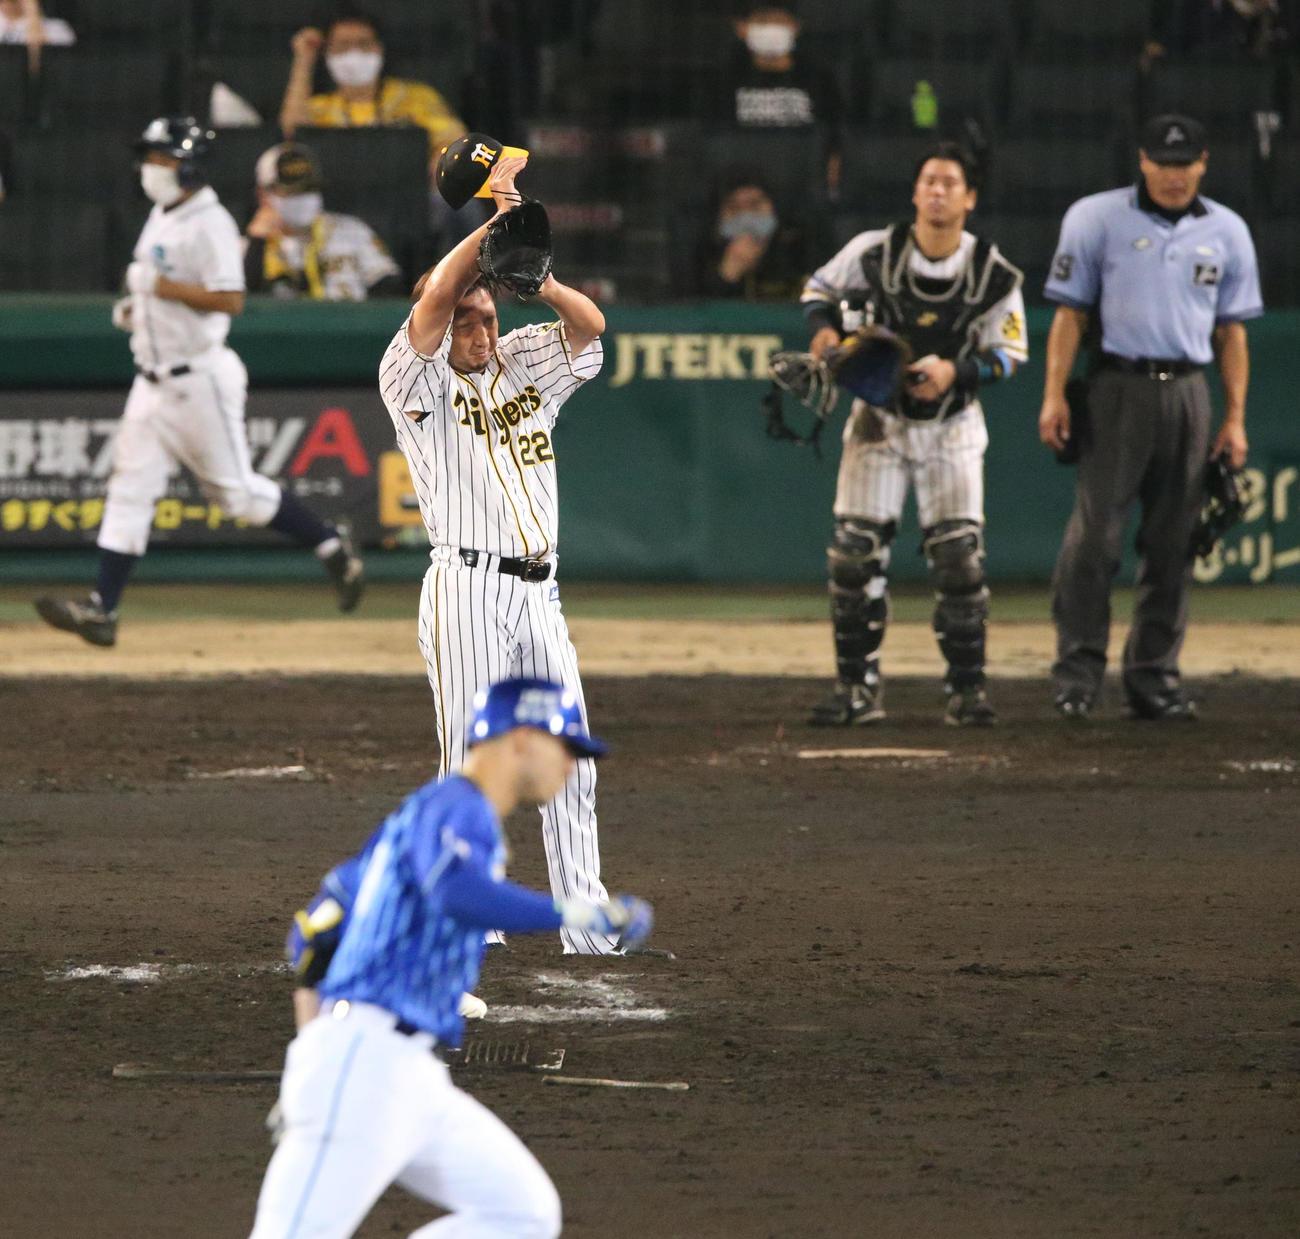 阪神対DeNA 9回表DeNA1死一塁、藤川はソトに逆転左中間越え2点本塁打を被弾する(撮影・上山淳一)